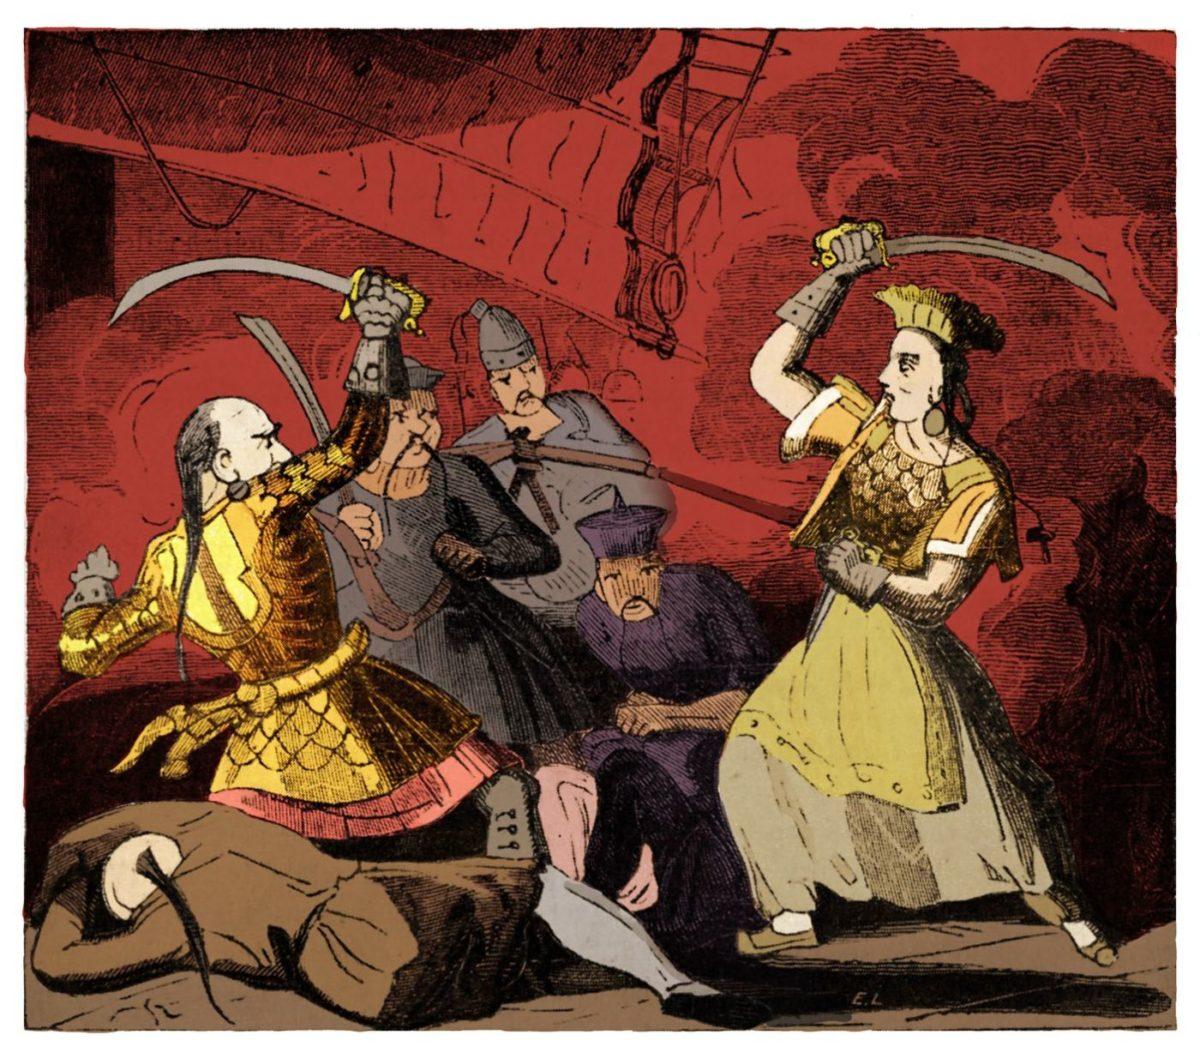 Цветное изображение госпожи Чжэн. Рисунок из History of Pirates of all Nations.